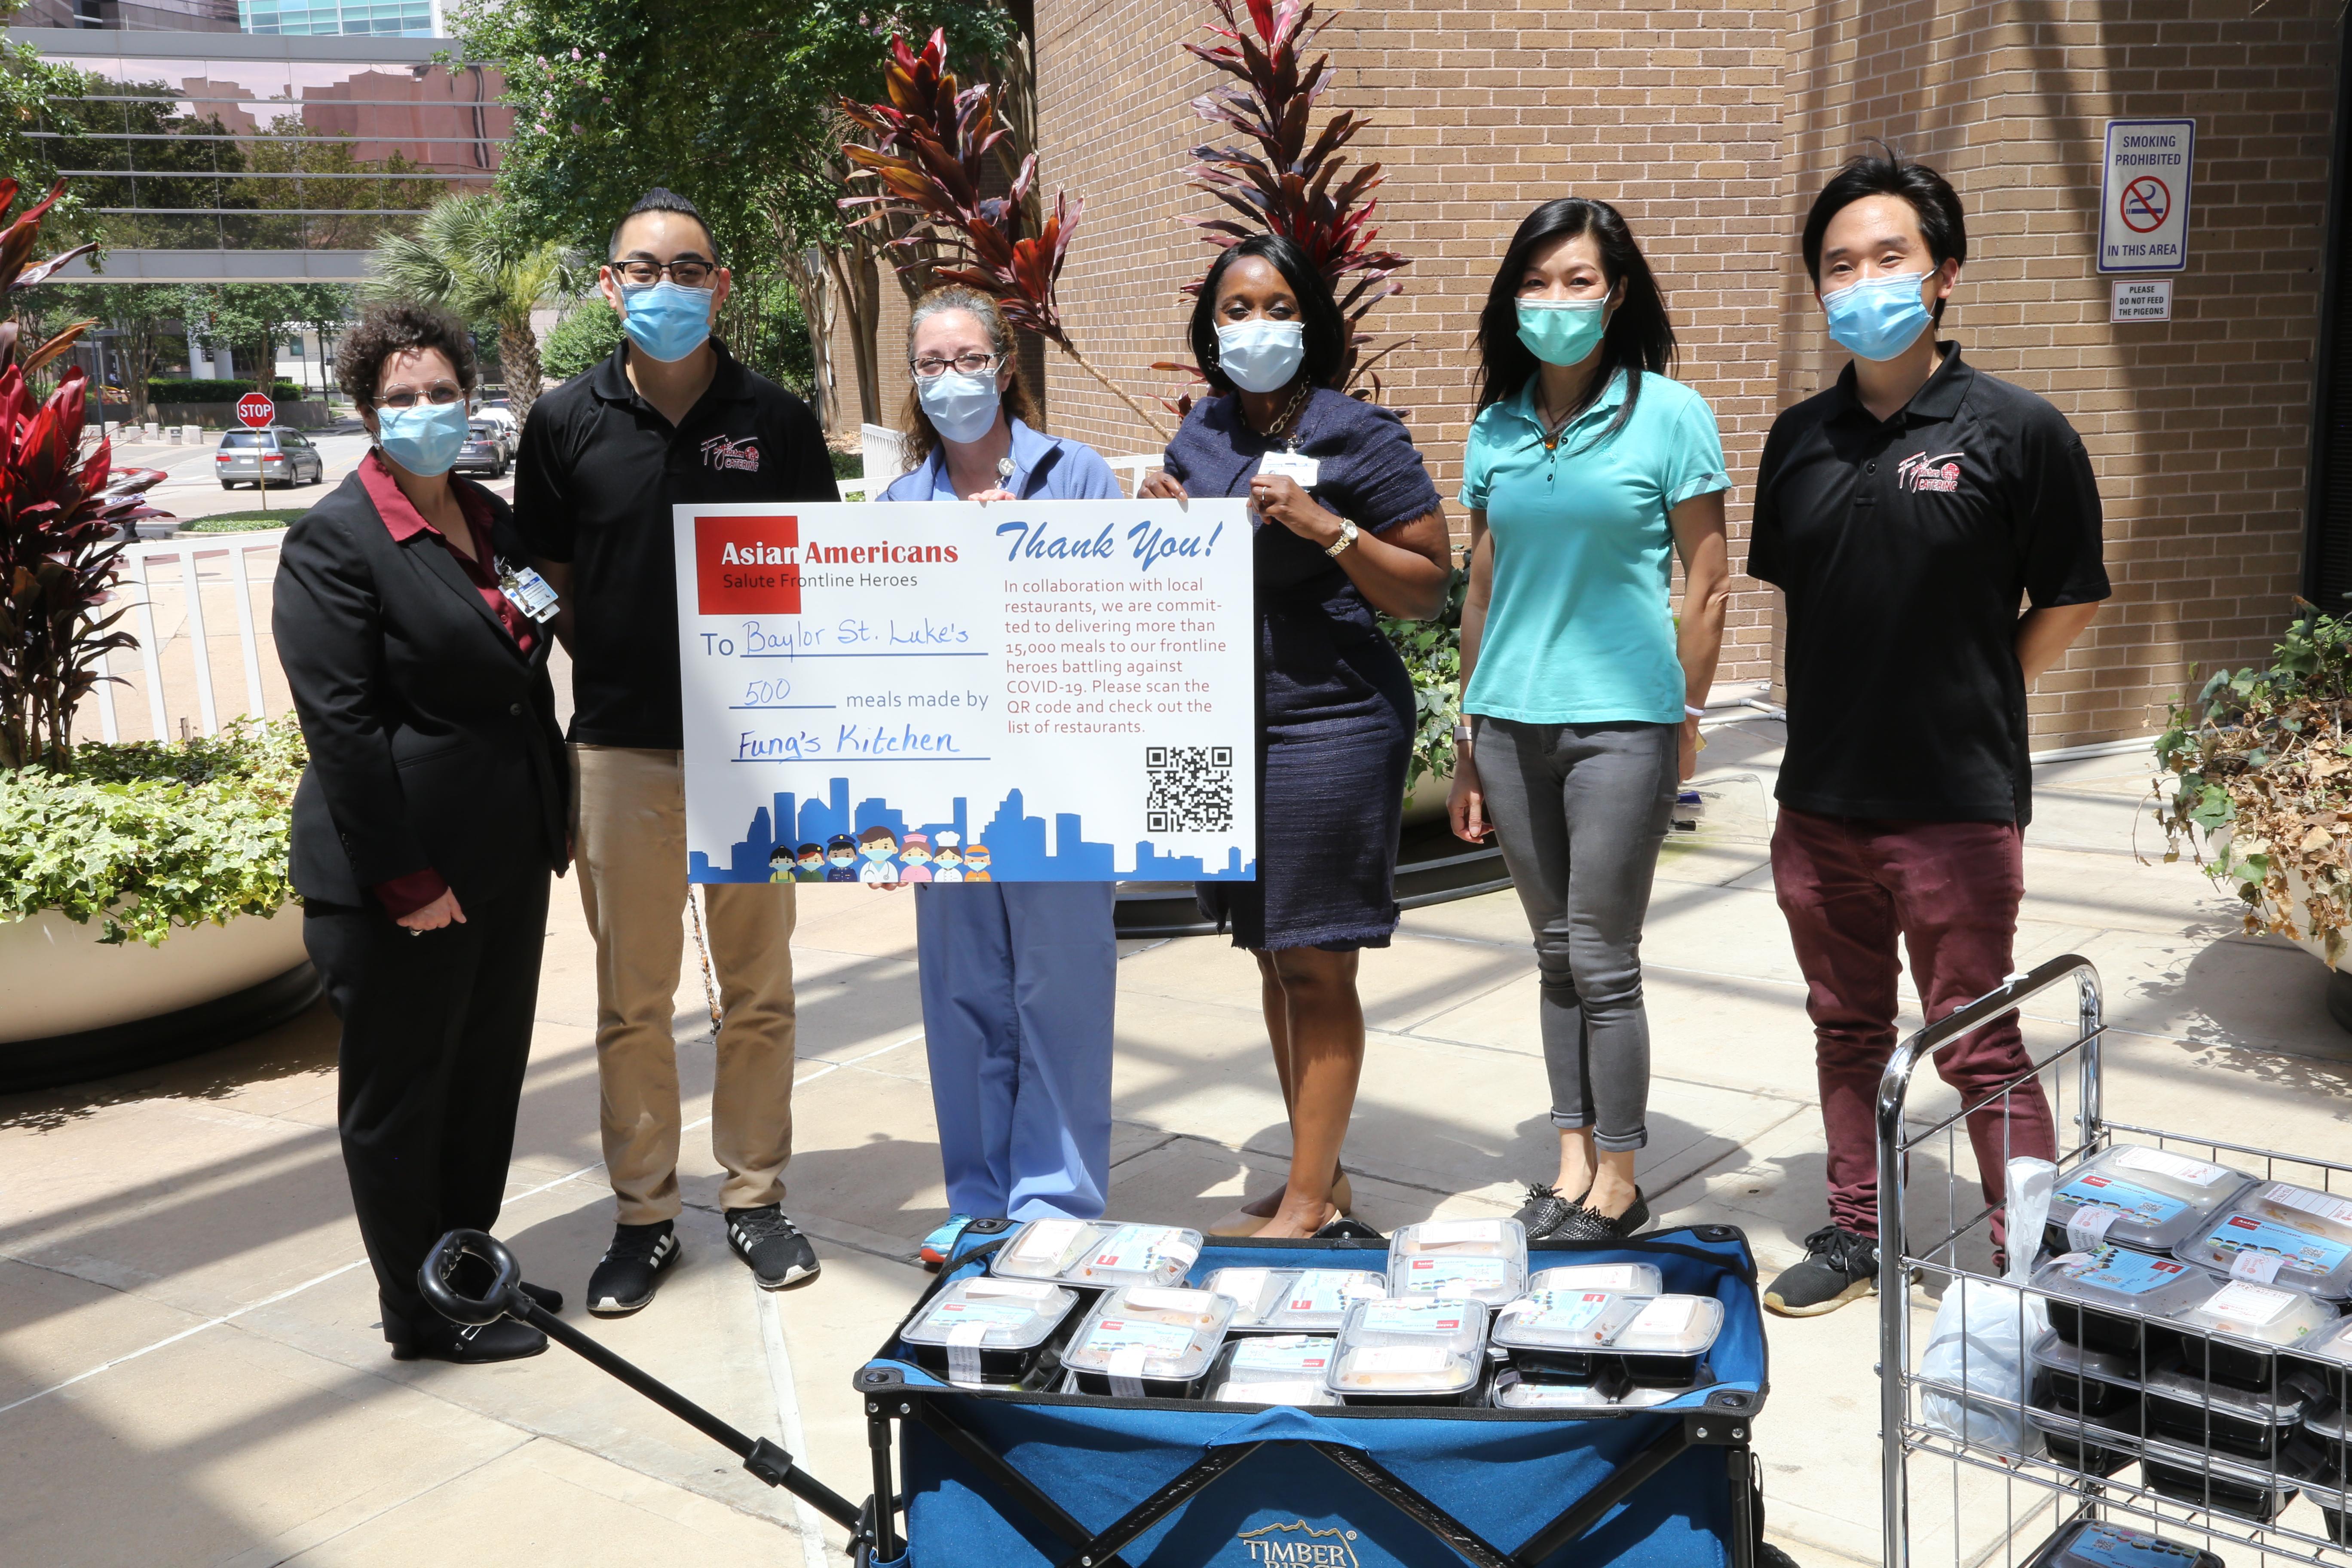 亞裔商會代表Yvonne陳(右二)居間聯絡各大醫院,完美達成任務。